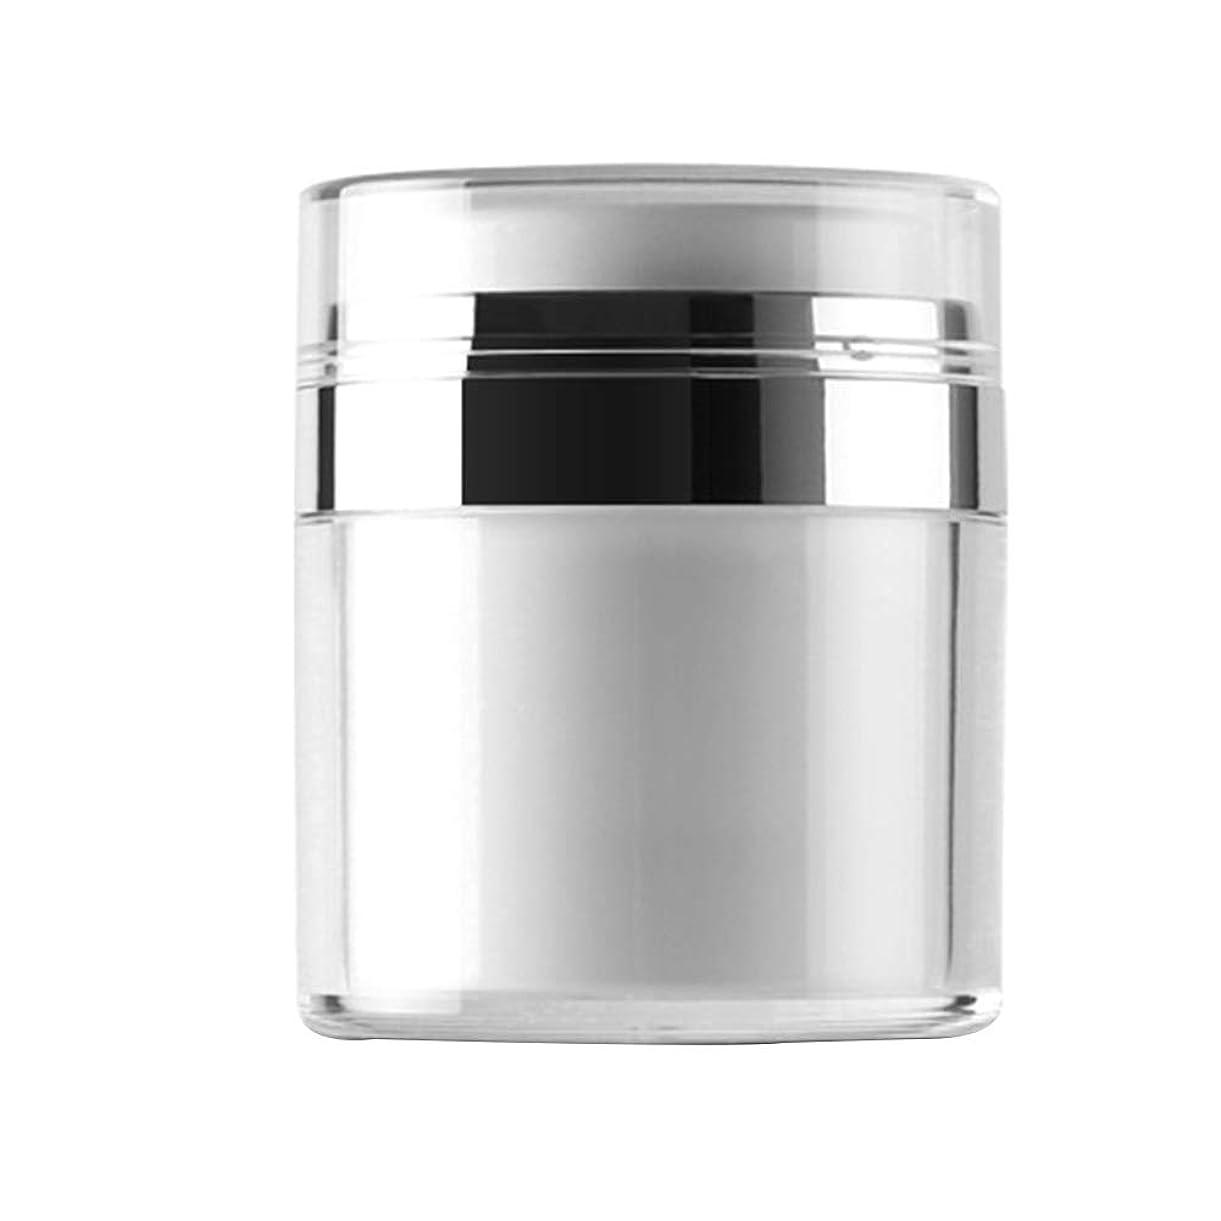 Vi.yo 小分け容器 トラベルボトル 真空押し式詰替用ボトル 携帯用 旅行 出張用 クリーム 軟膏 乳液など入り 50g